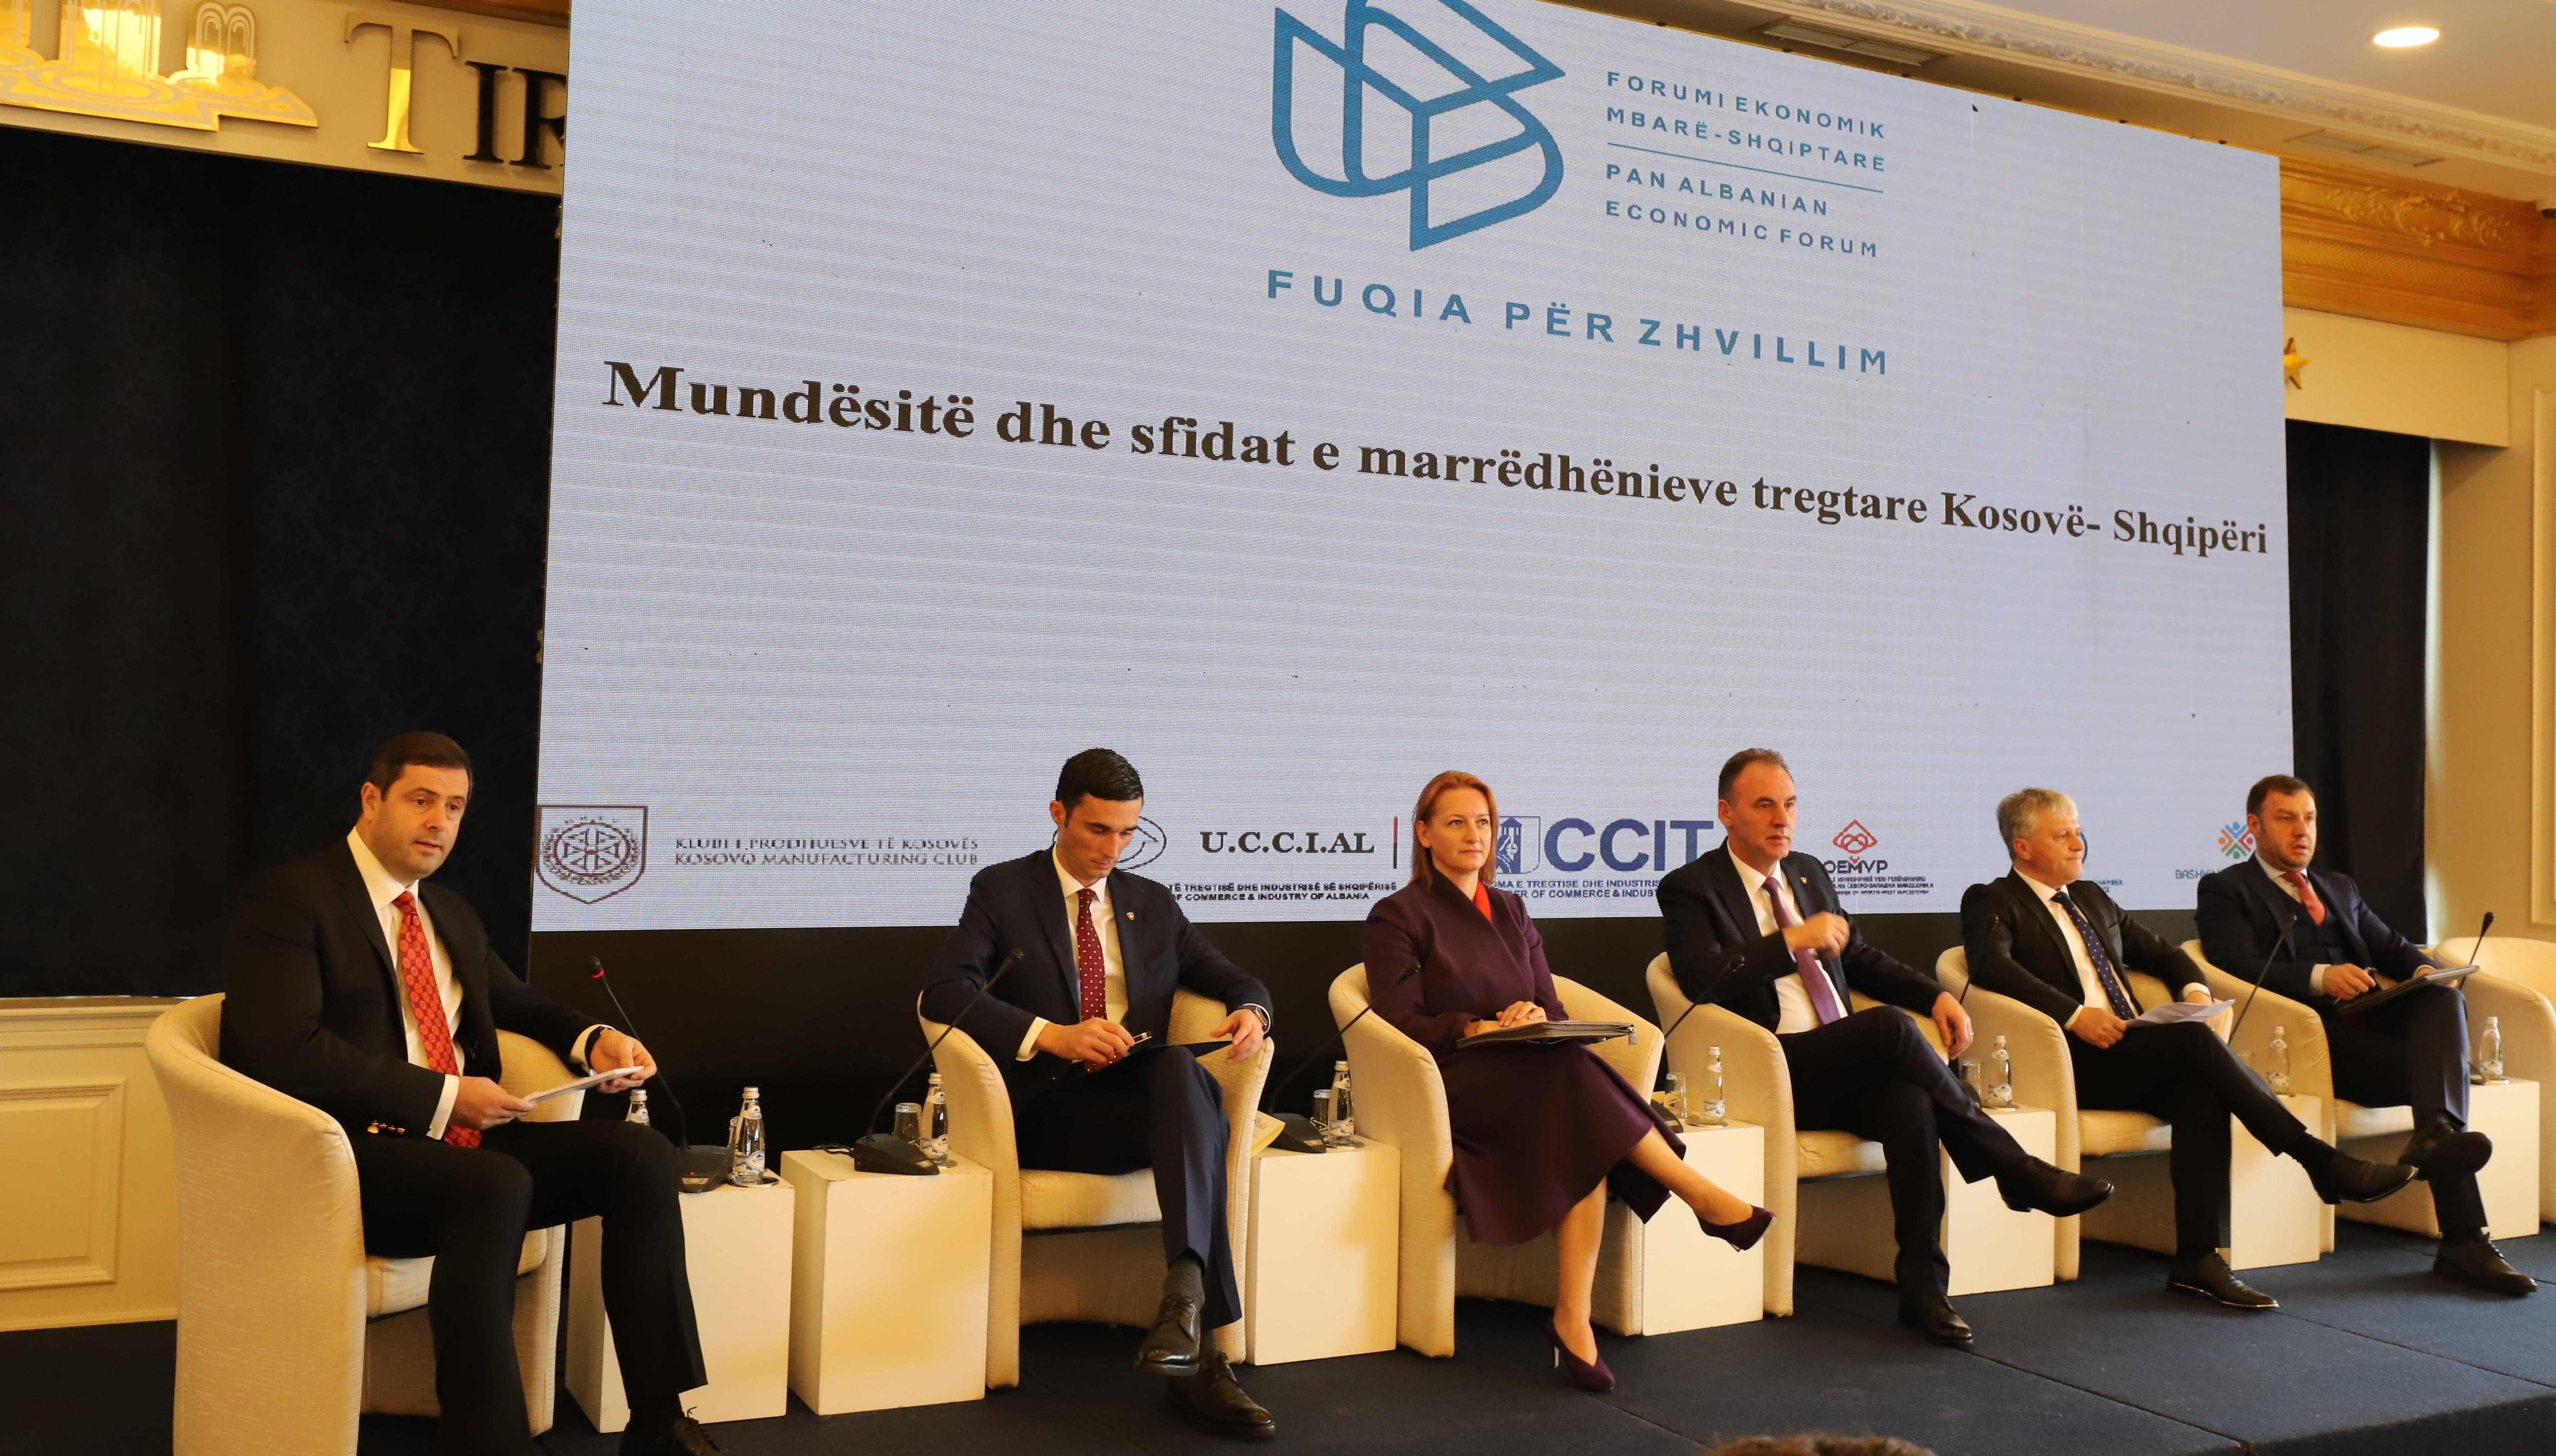 Marrëdhëniet tregtare Shqipëri-Kosovë, zhvillohet në Tiranë Forumi Ekonomik Mbarë-Shqiptar